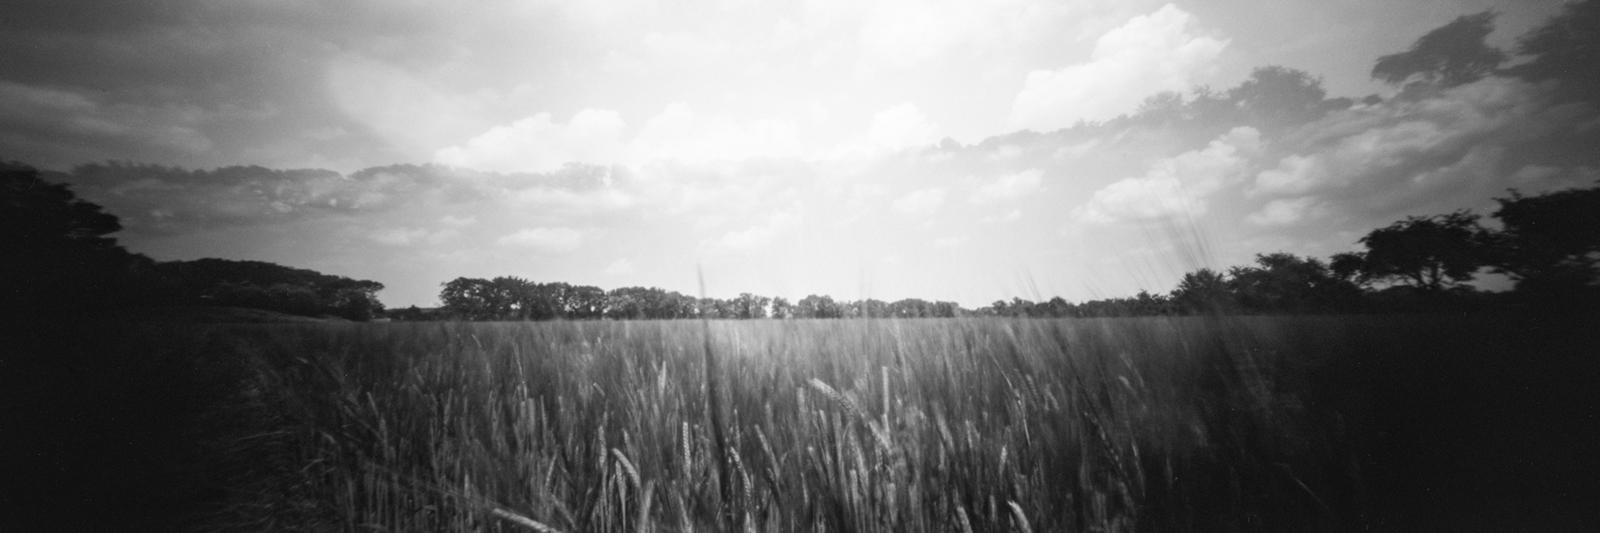 Doppelbelichtung Panorama Getreidefeld mit Mohnblüte aufgenommen mit einer Lochkamera